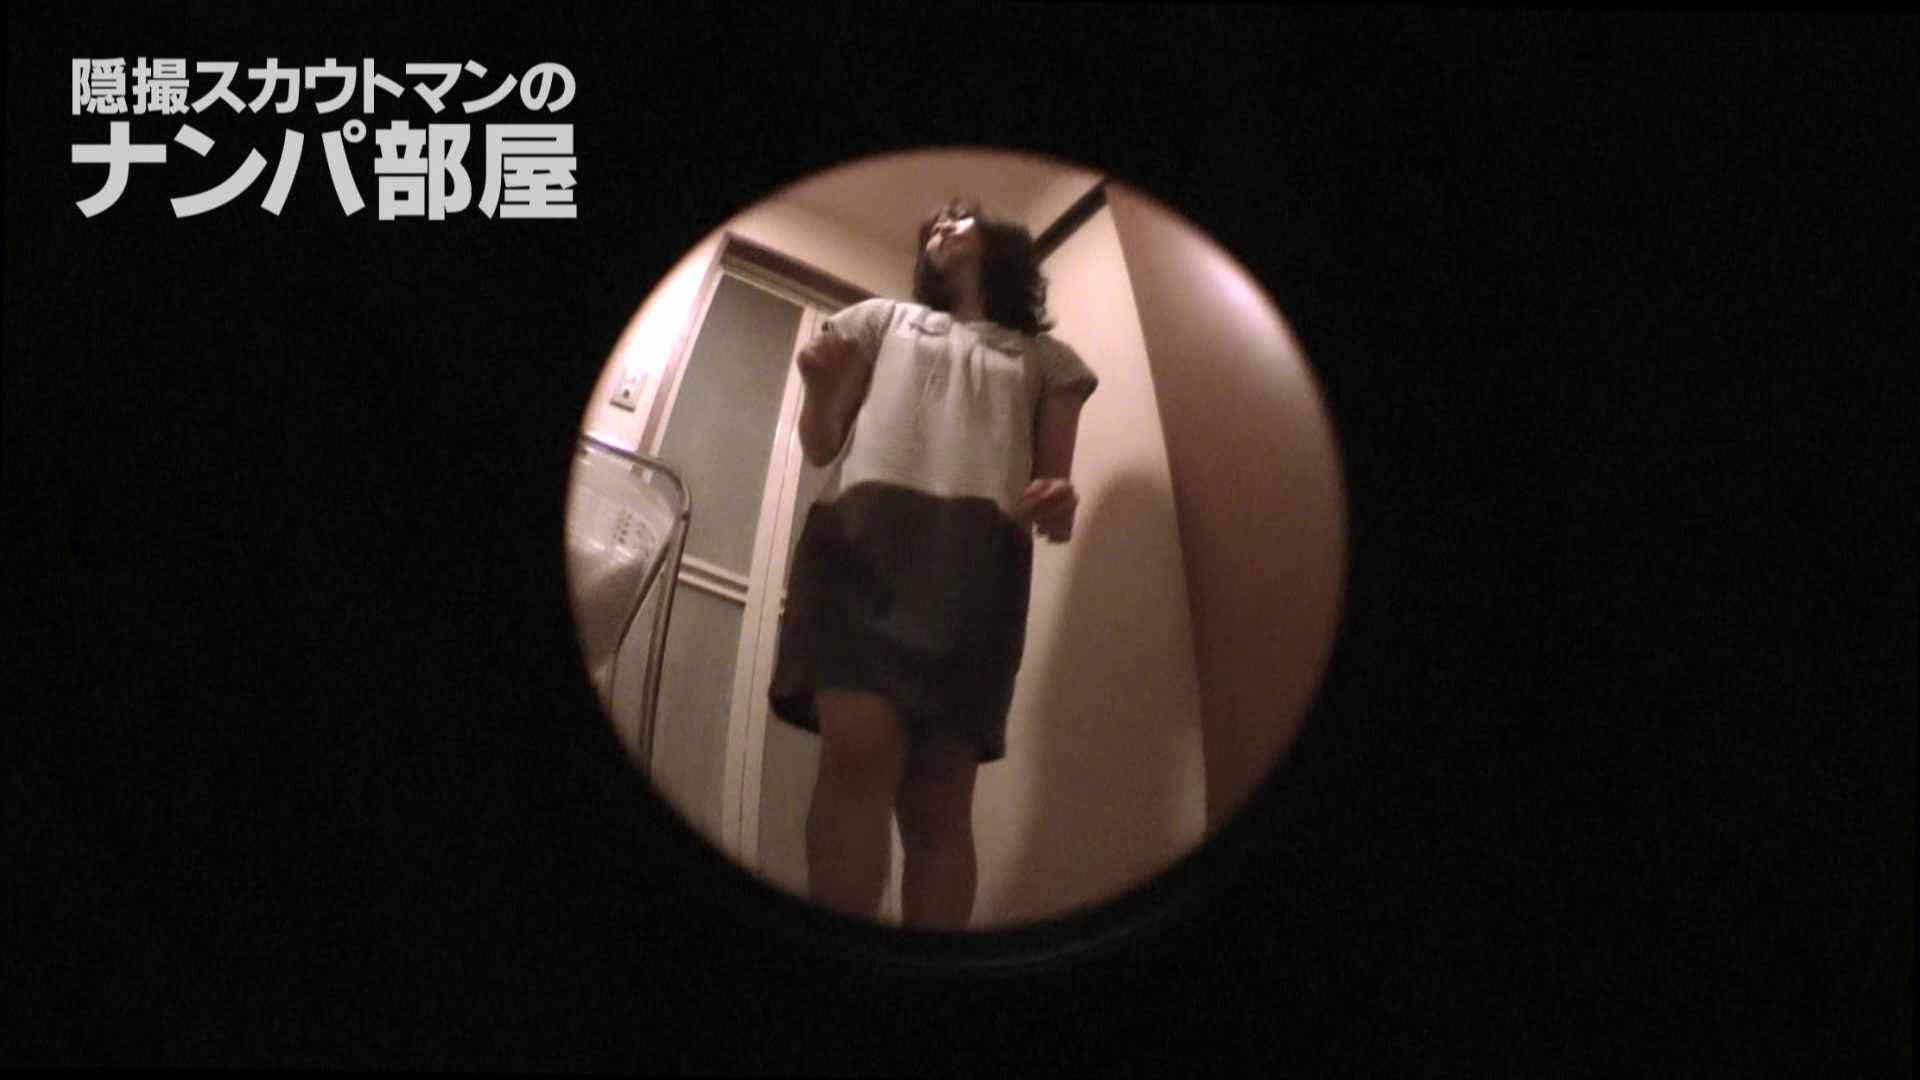 隠撮スカウトマンのナンパ部屋~風俗デビュー前のつまみ食い~ siivol.3 ナンパ 盗み撮り動画 55連発 17